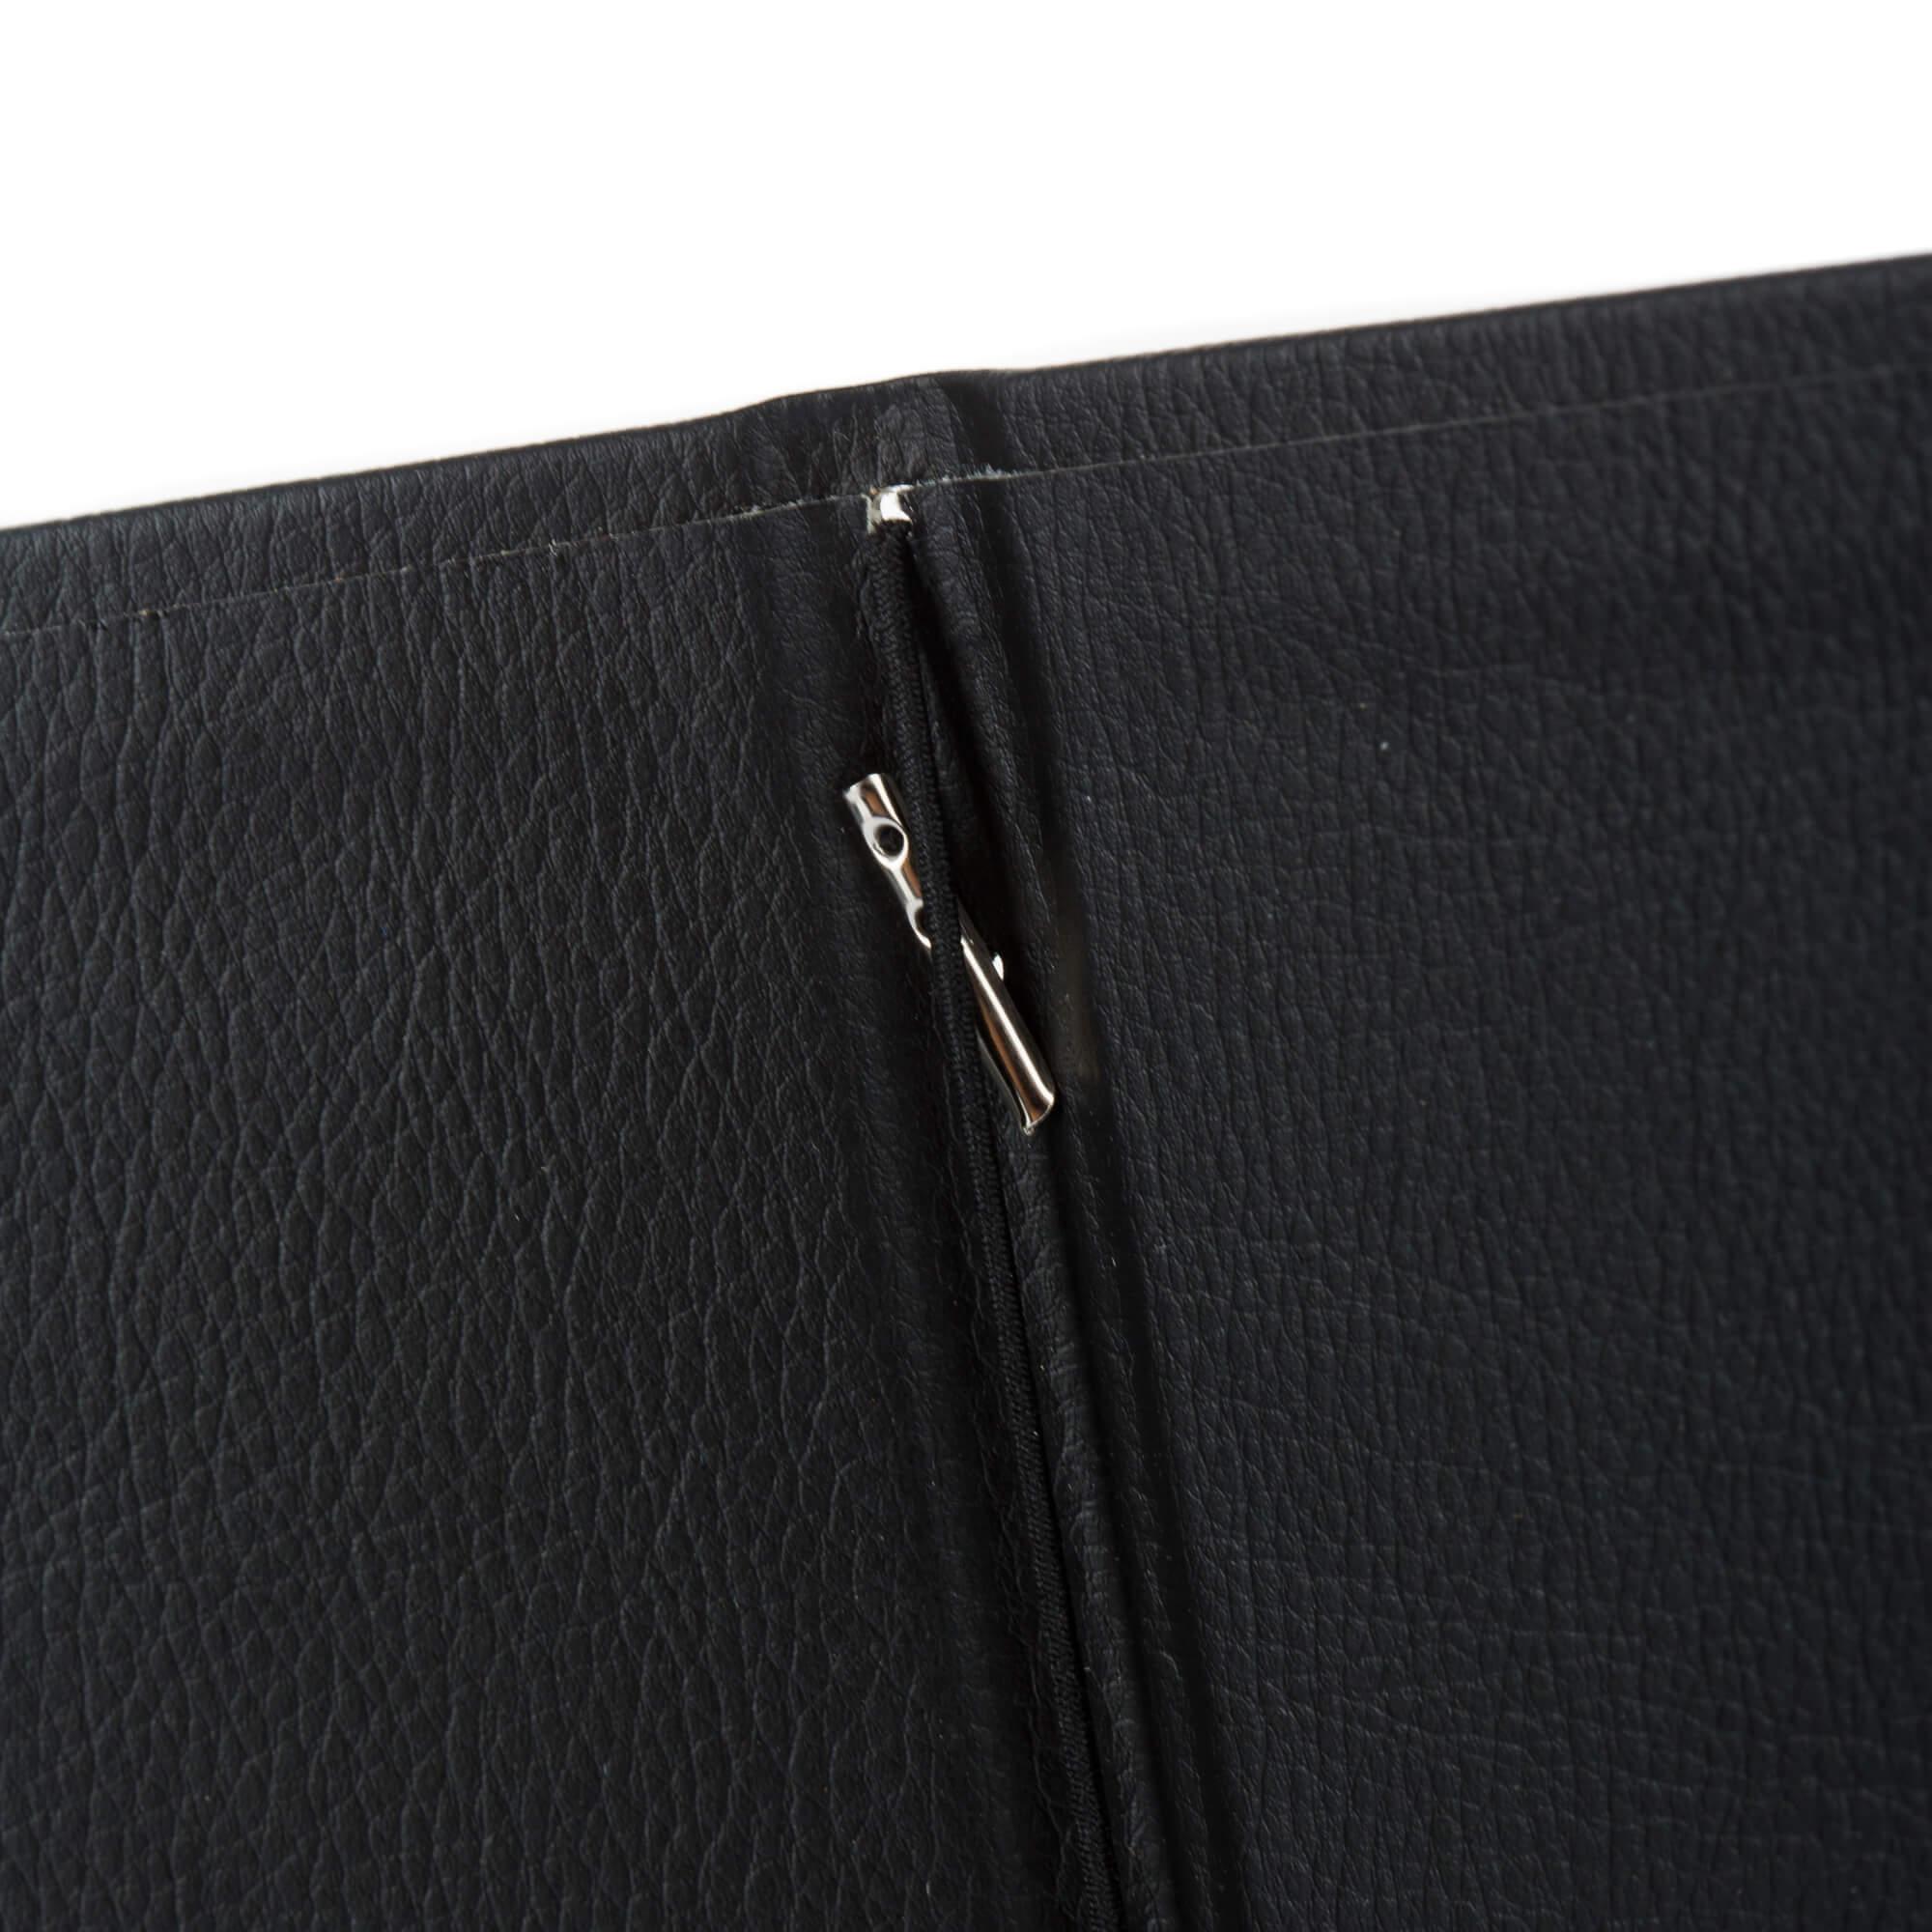 Fekete bőrhatású gumis étlaptartó belül gumi A5